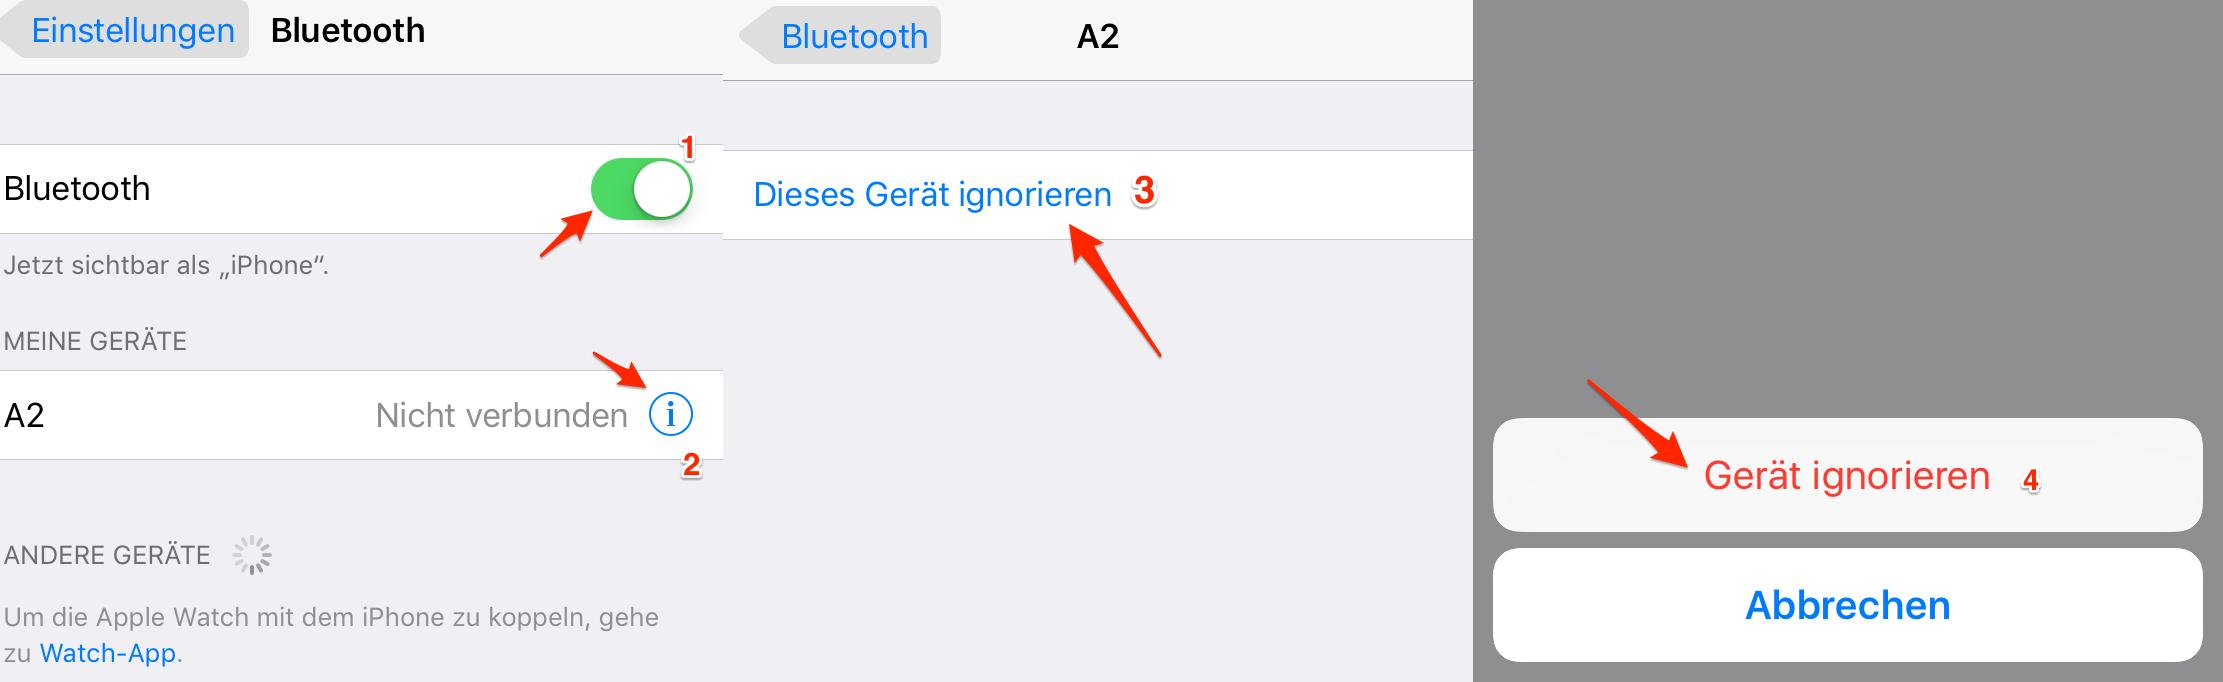 Bluetooth-Gerät neu koppeln – iPhone Bluetooth funktioniert nicht